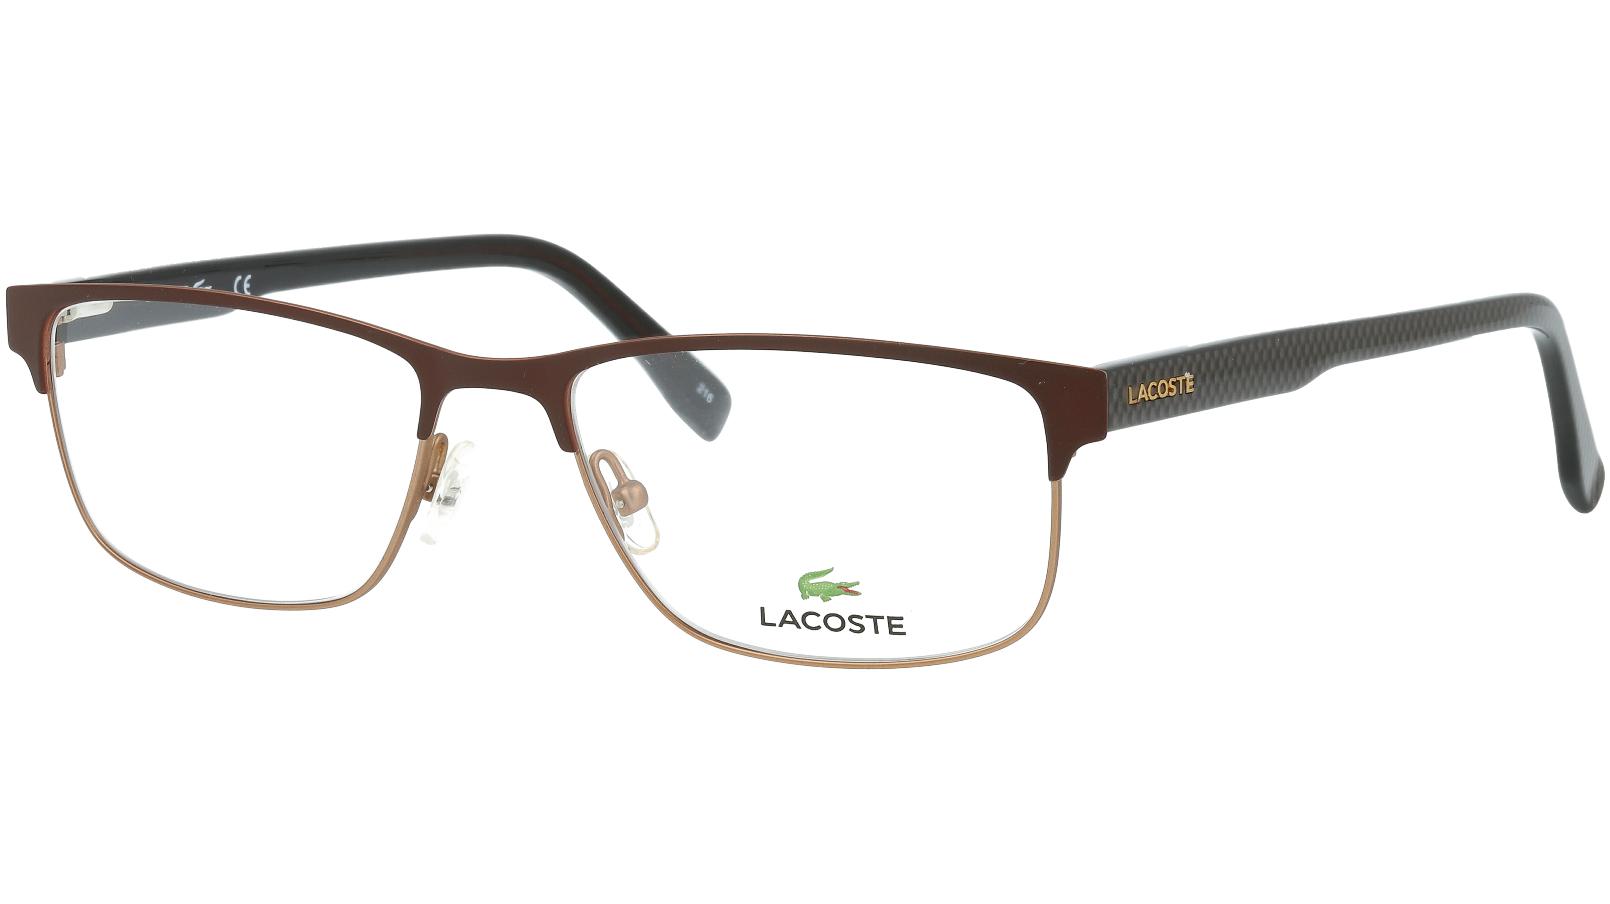 LACOSTE L2217 210 54 BROWN Glasses